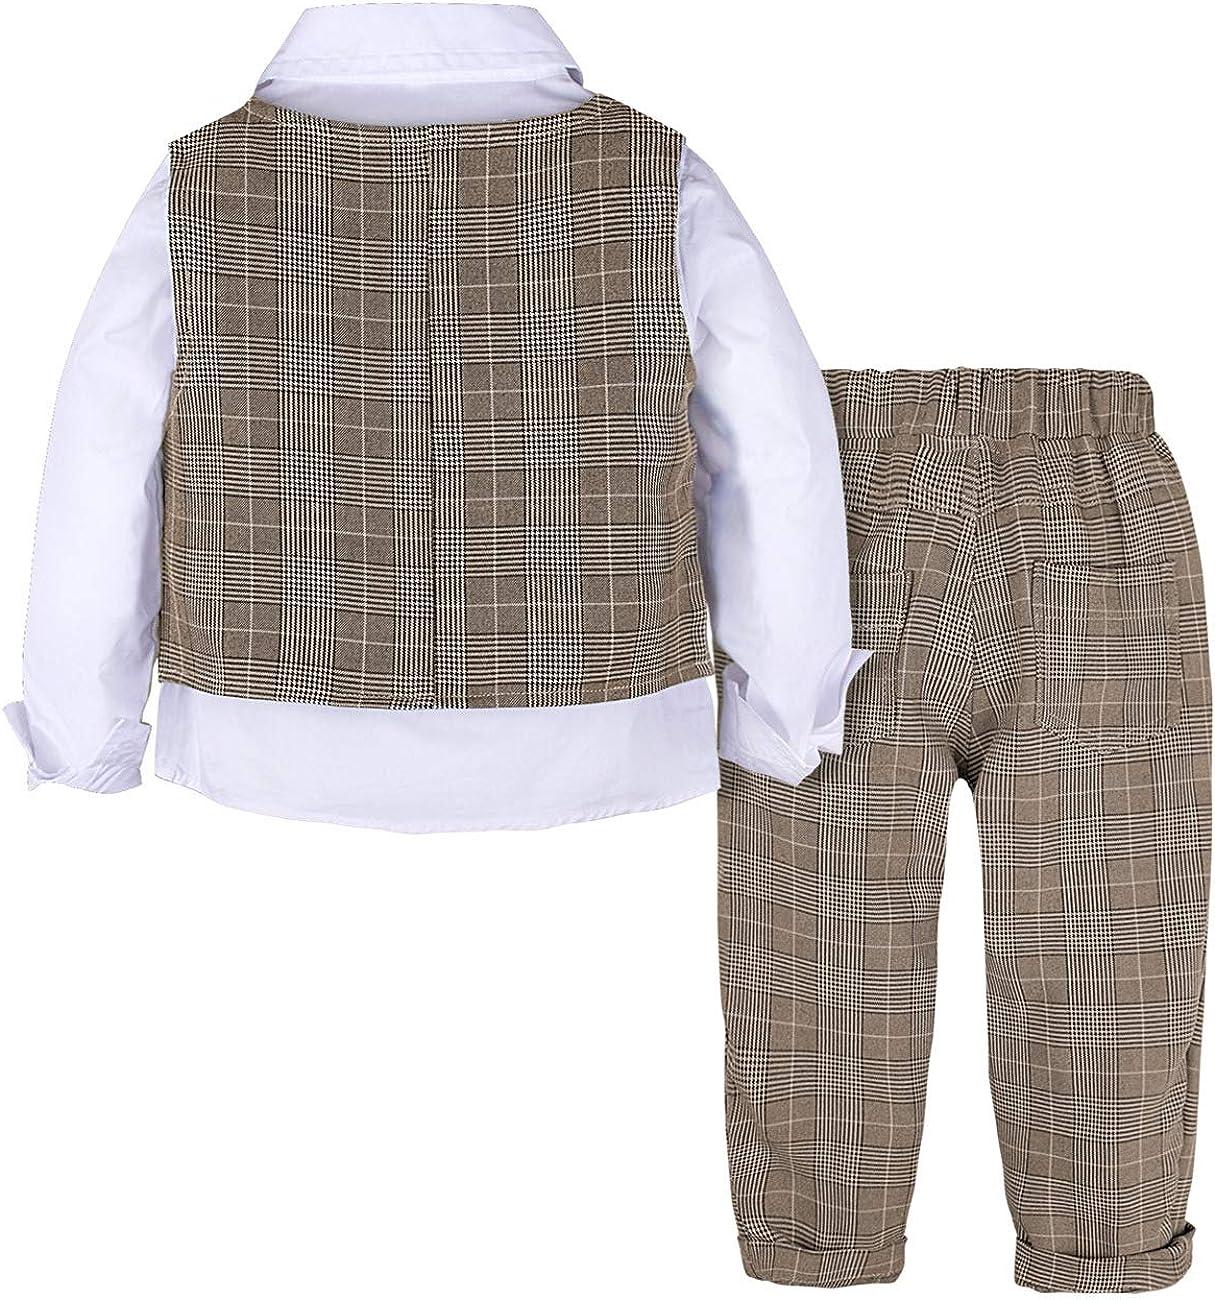 Pantalones Chaleco de Cuadros Pajarita mintgreen Trajes para Ni/ños Gentleman Conjunto de 4 Piezas Camisa de Manga Larga